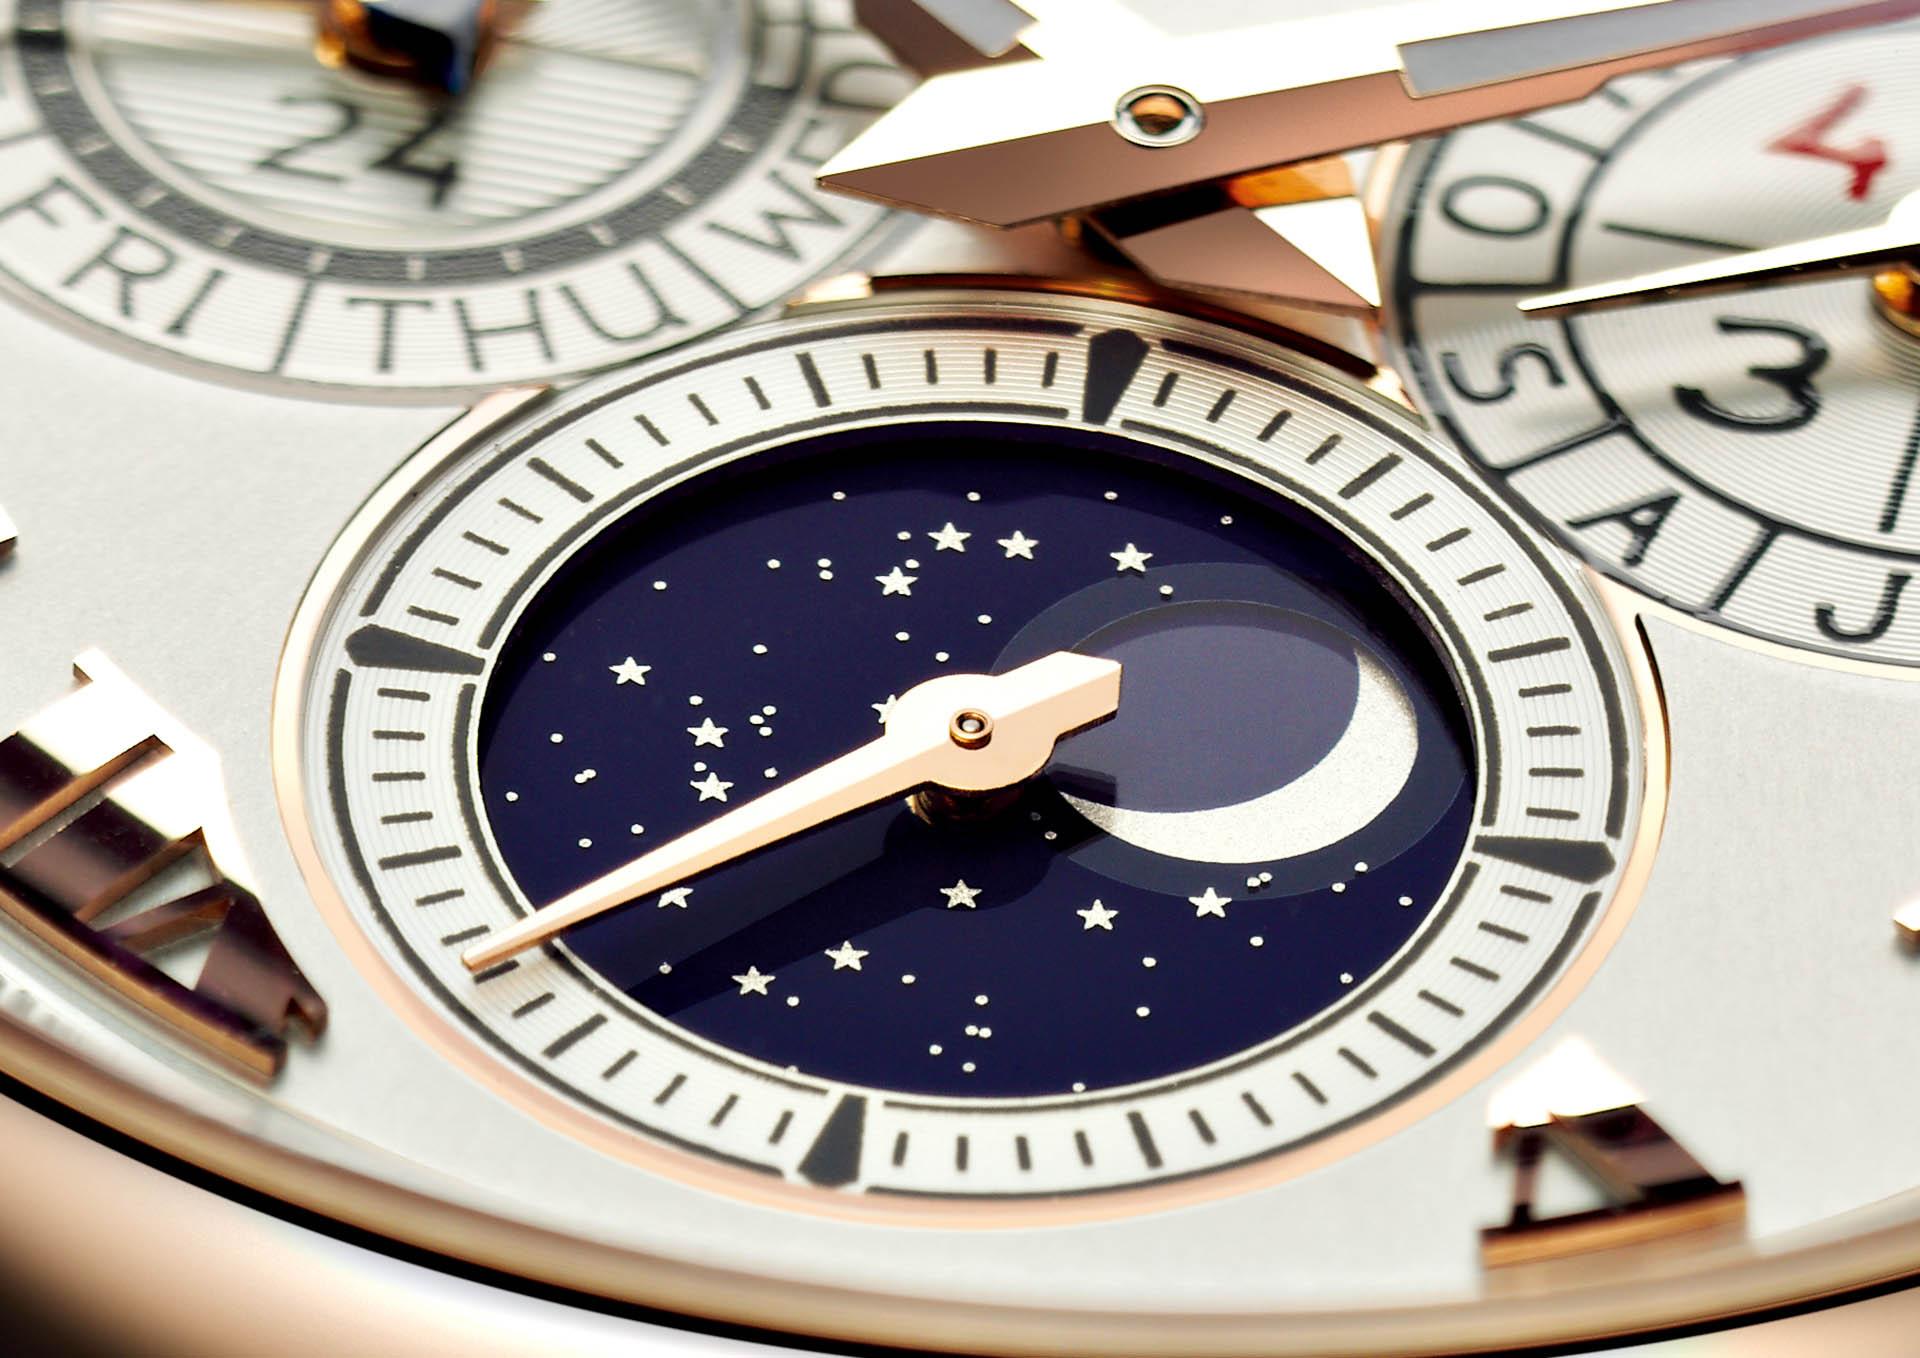 L.U.C Lunar One von Chopard mit besonders präziser Mondphasenanzeige.